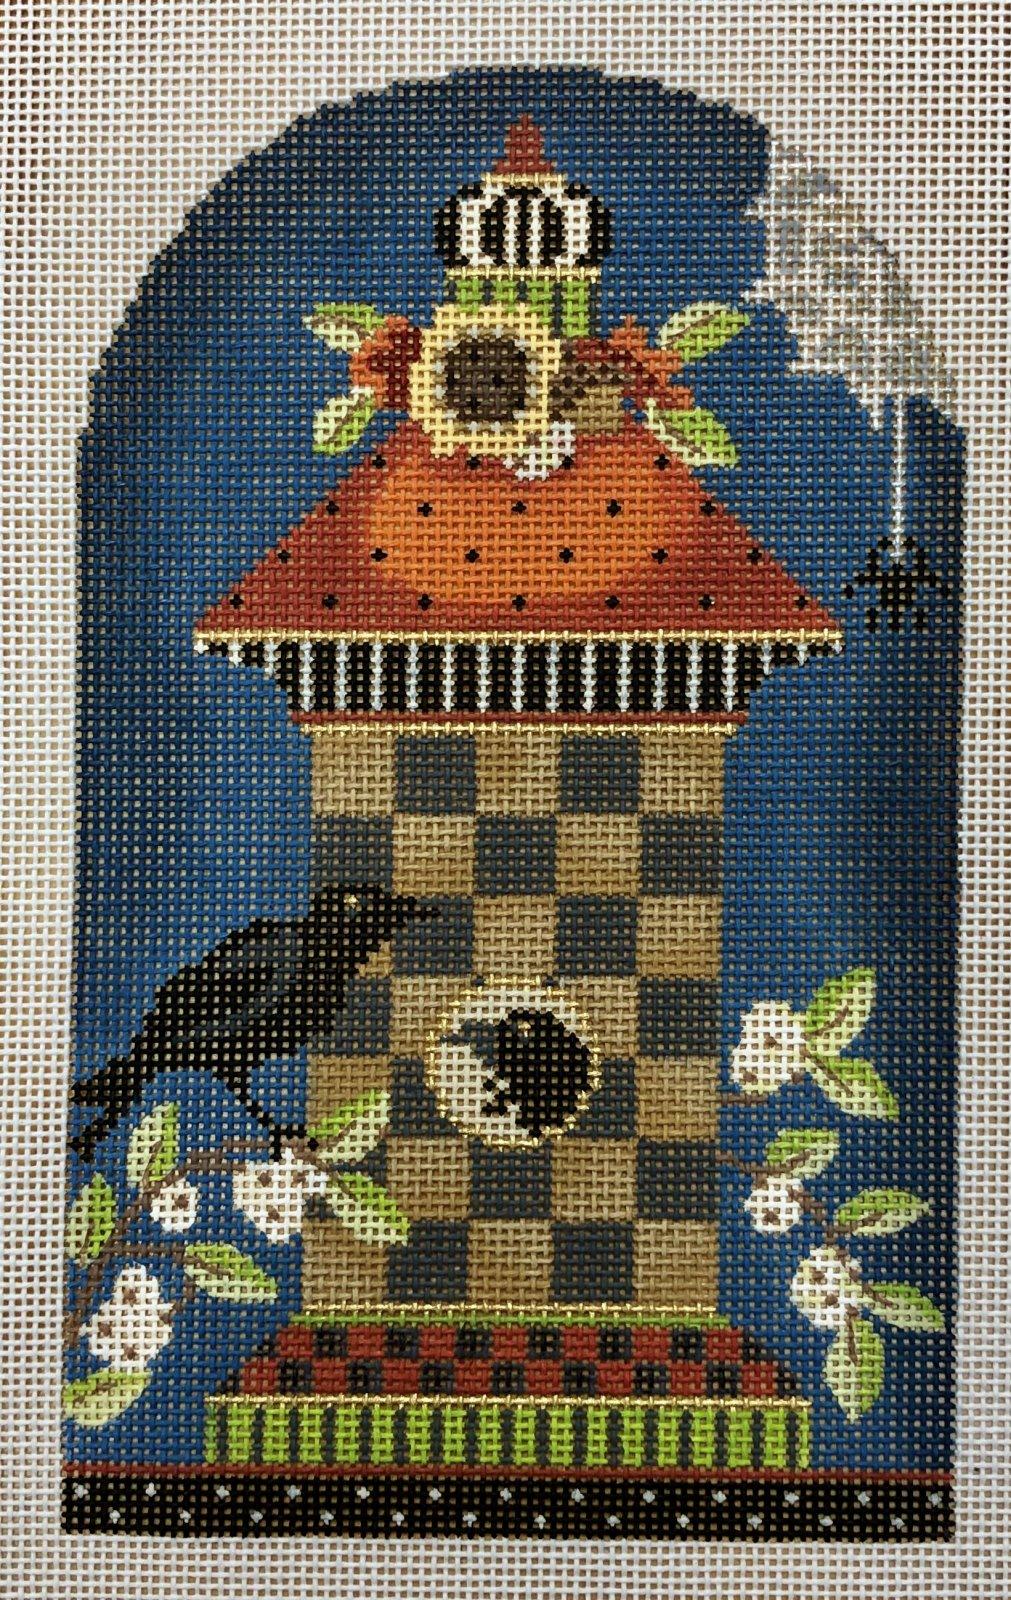 birdhouse, autumn 17